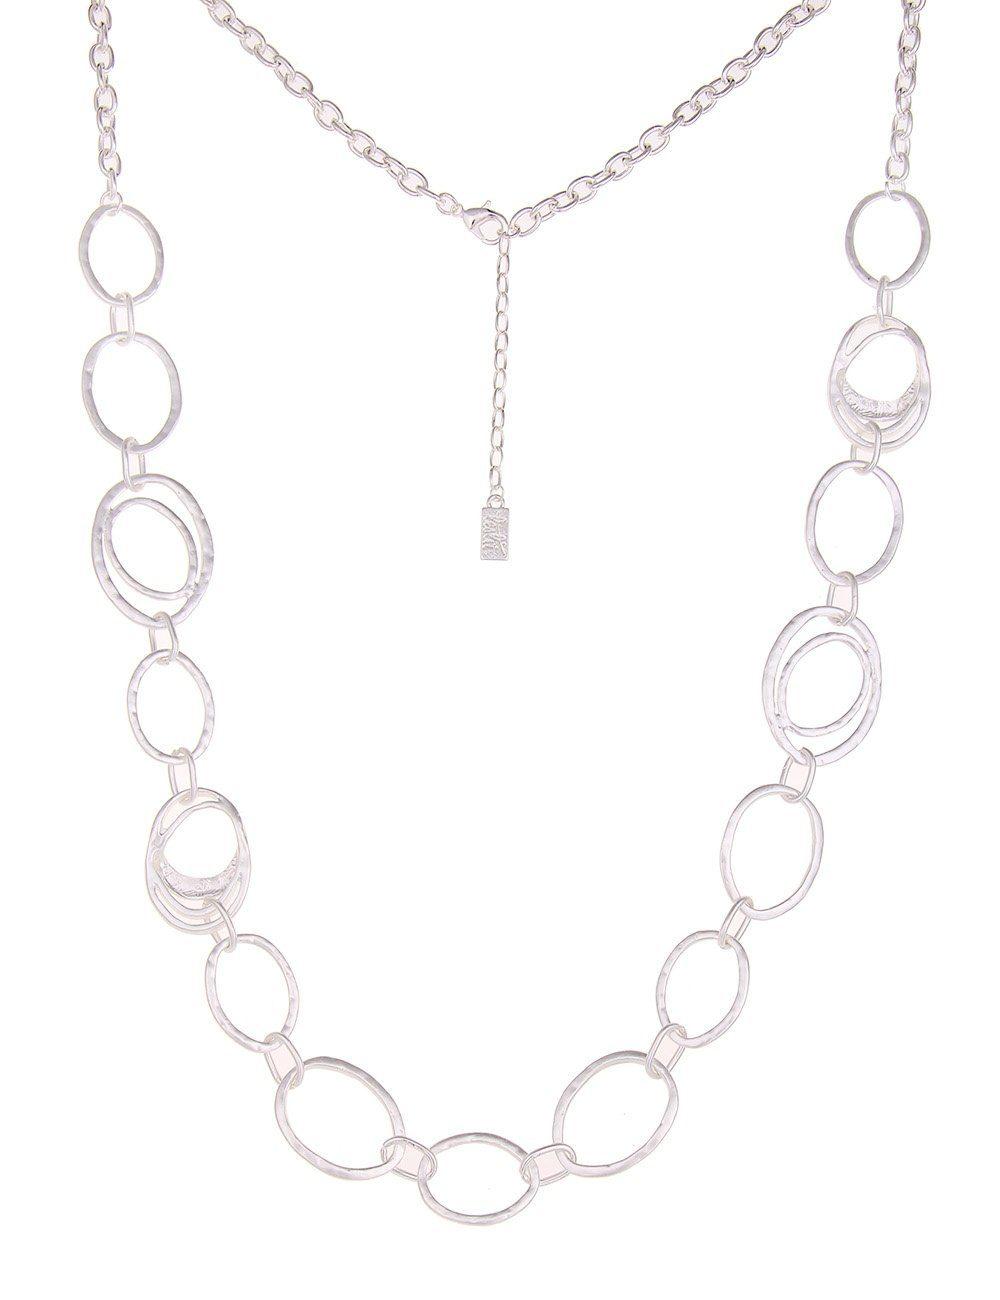 Leslii Halskette mit ovalen Gliedern